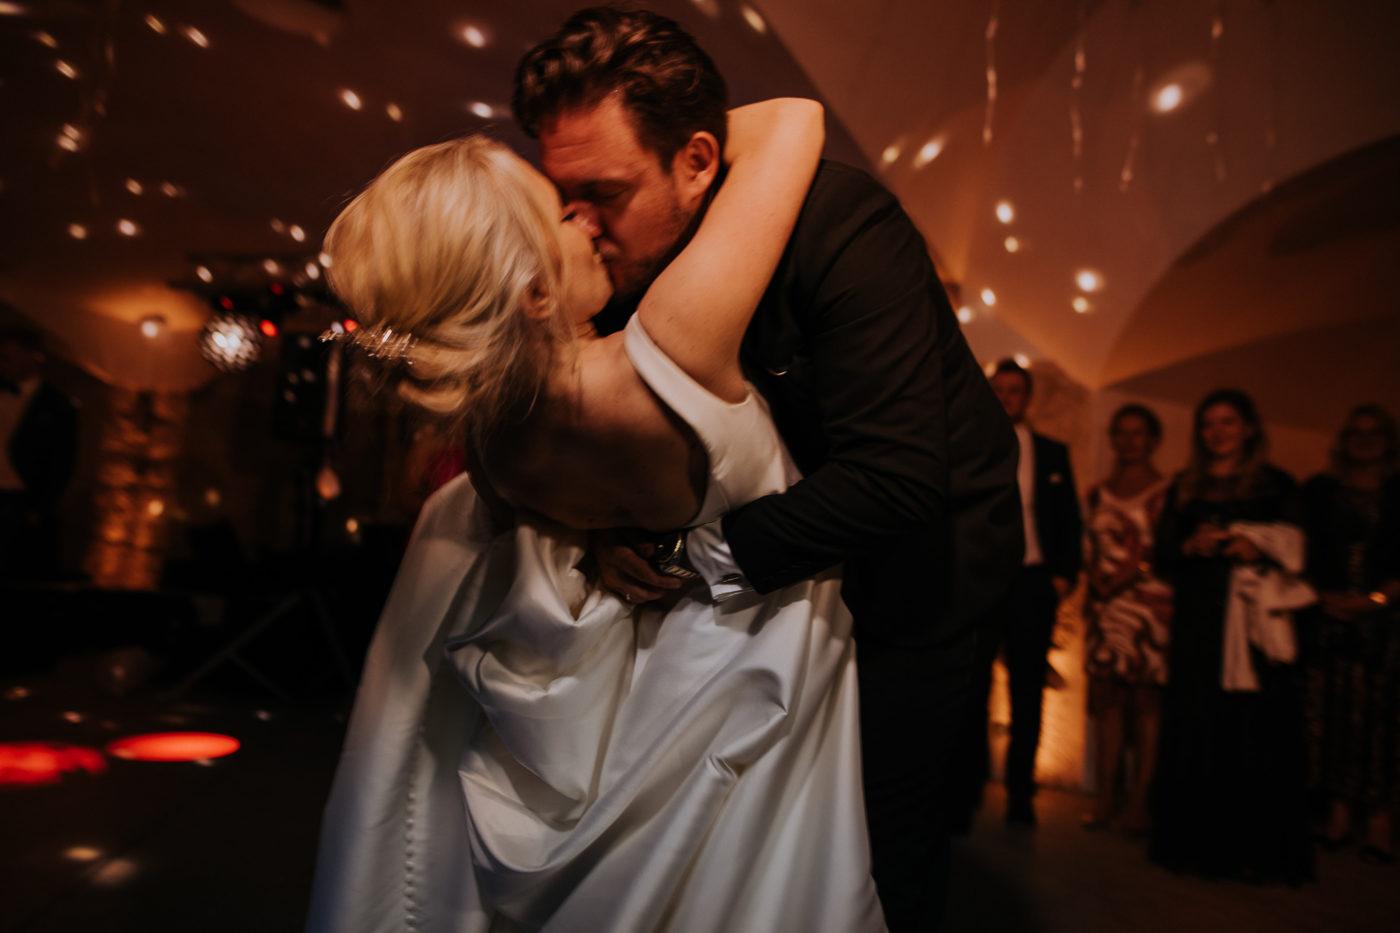 Der Bräutigam küsst seine Braut während des Eröffnungstanzes